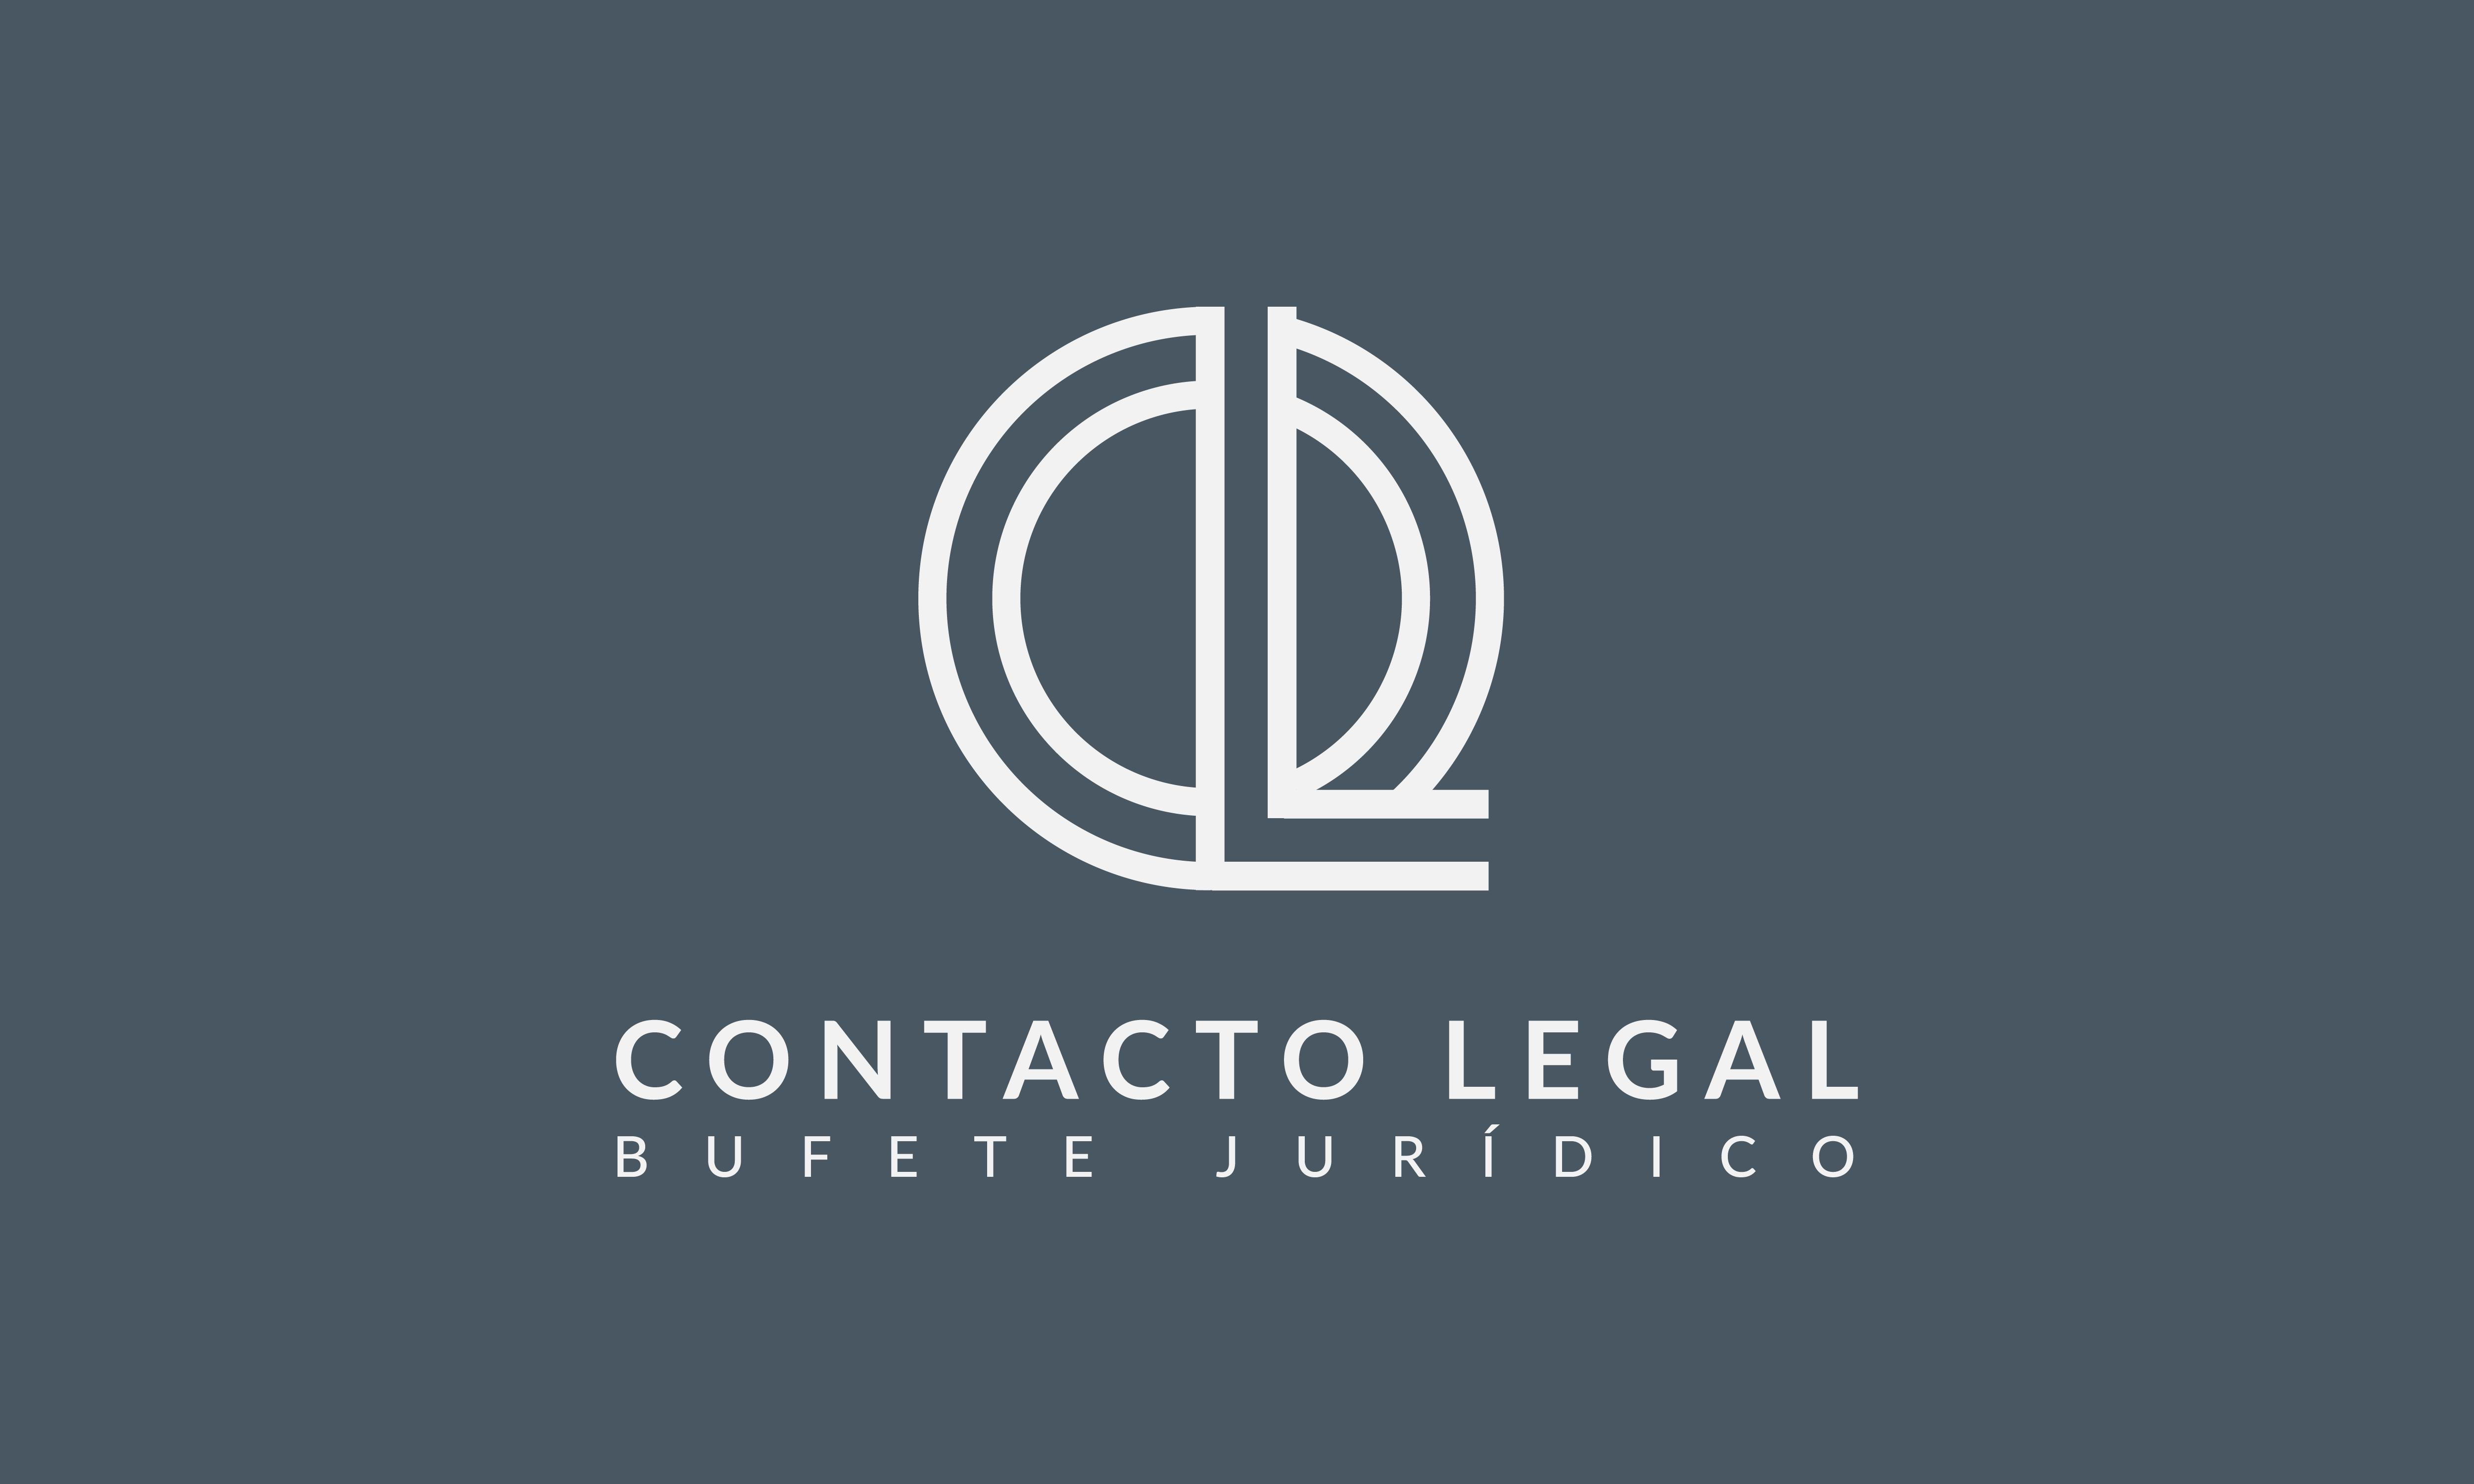 Contacto-Legal-Creacion-De-Logotipo-FullFrame-Photomkt (3)